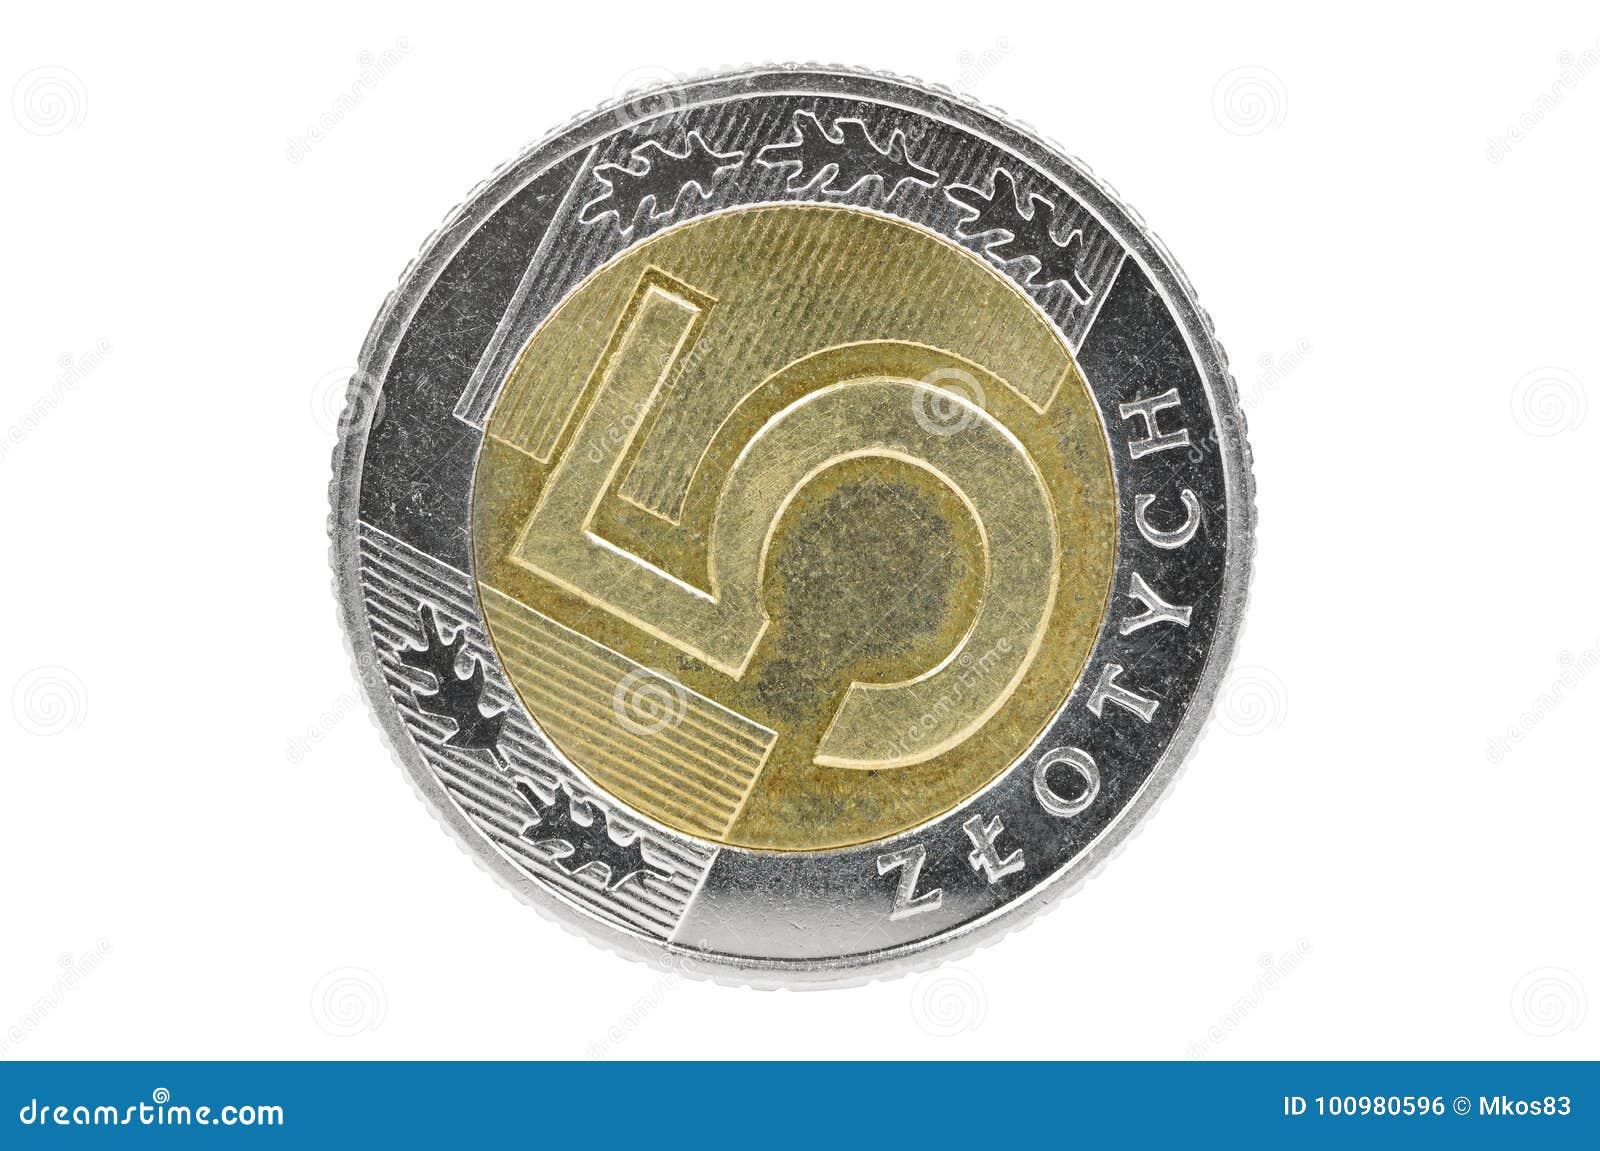 Closeup Of 5 Polish Zloty Coin Stock Photo Image Of Macro Shiny